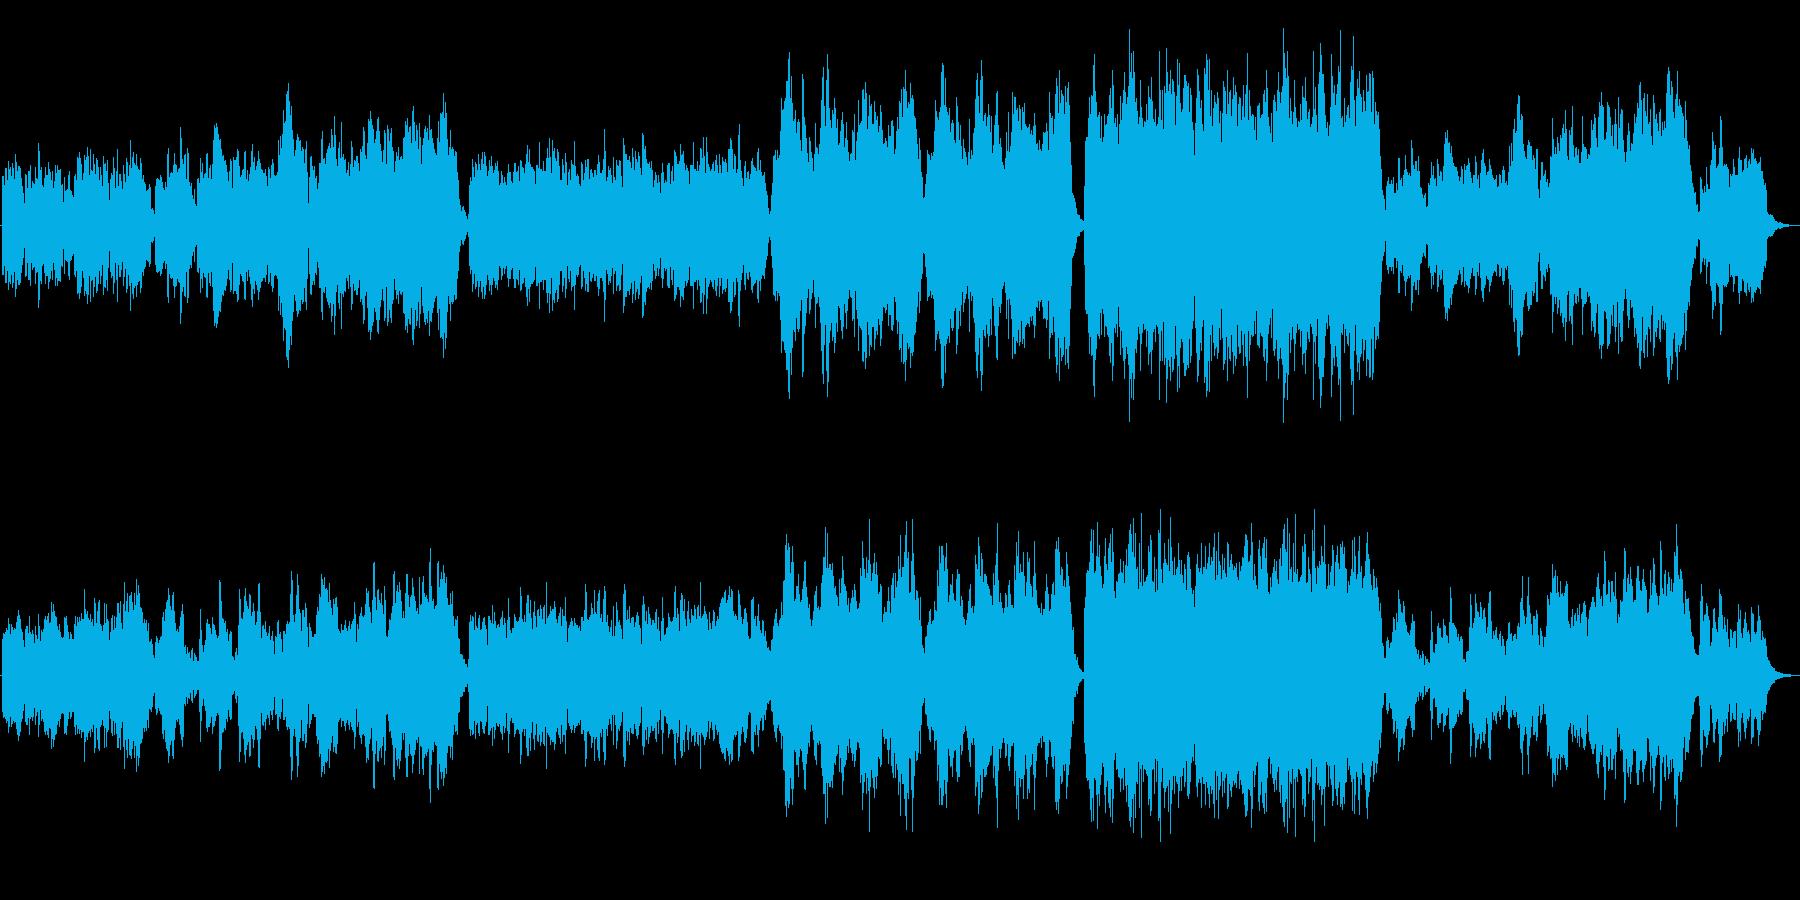 グリーンスリーヴスのアレンジ曲の再生済みの波形